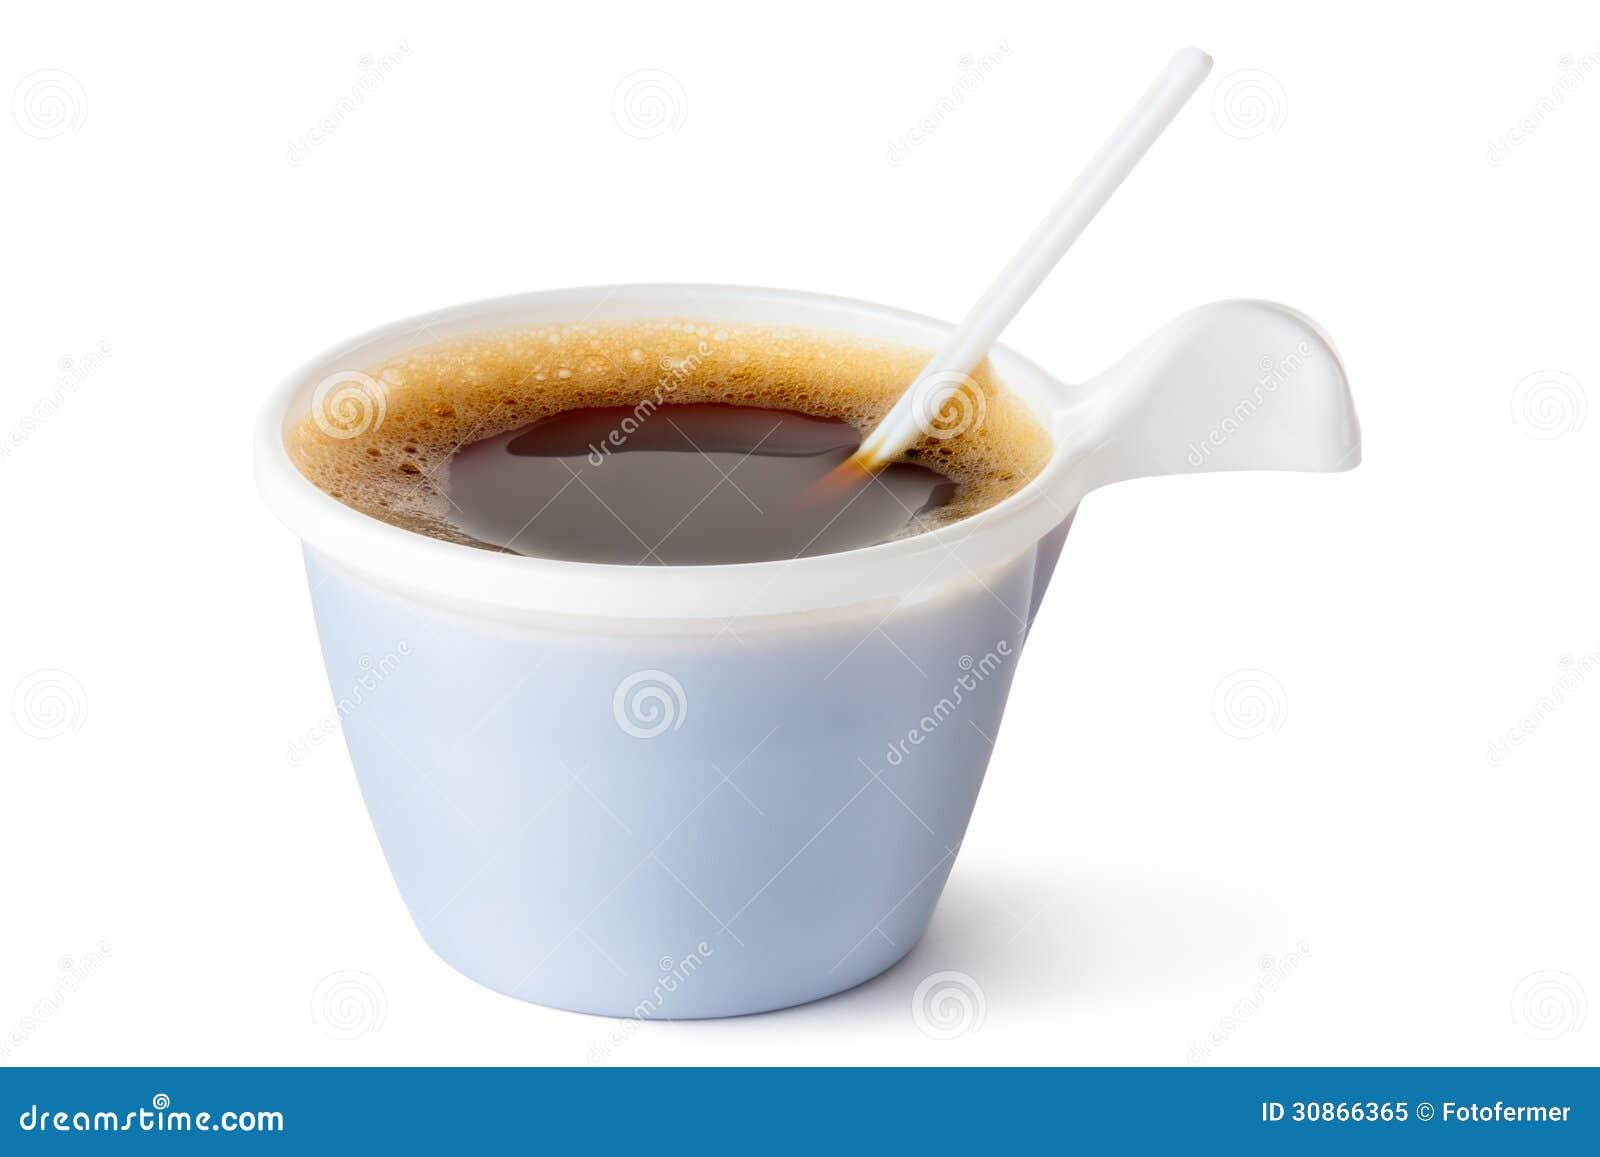 tasse de caf en plastique avec une cuill re photo libre de droits image 30866365. Black Bedroom Furniture Sets. Home Design Ideas